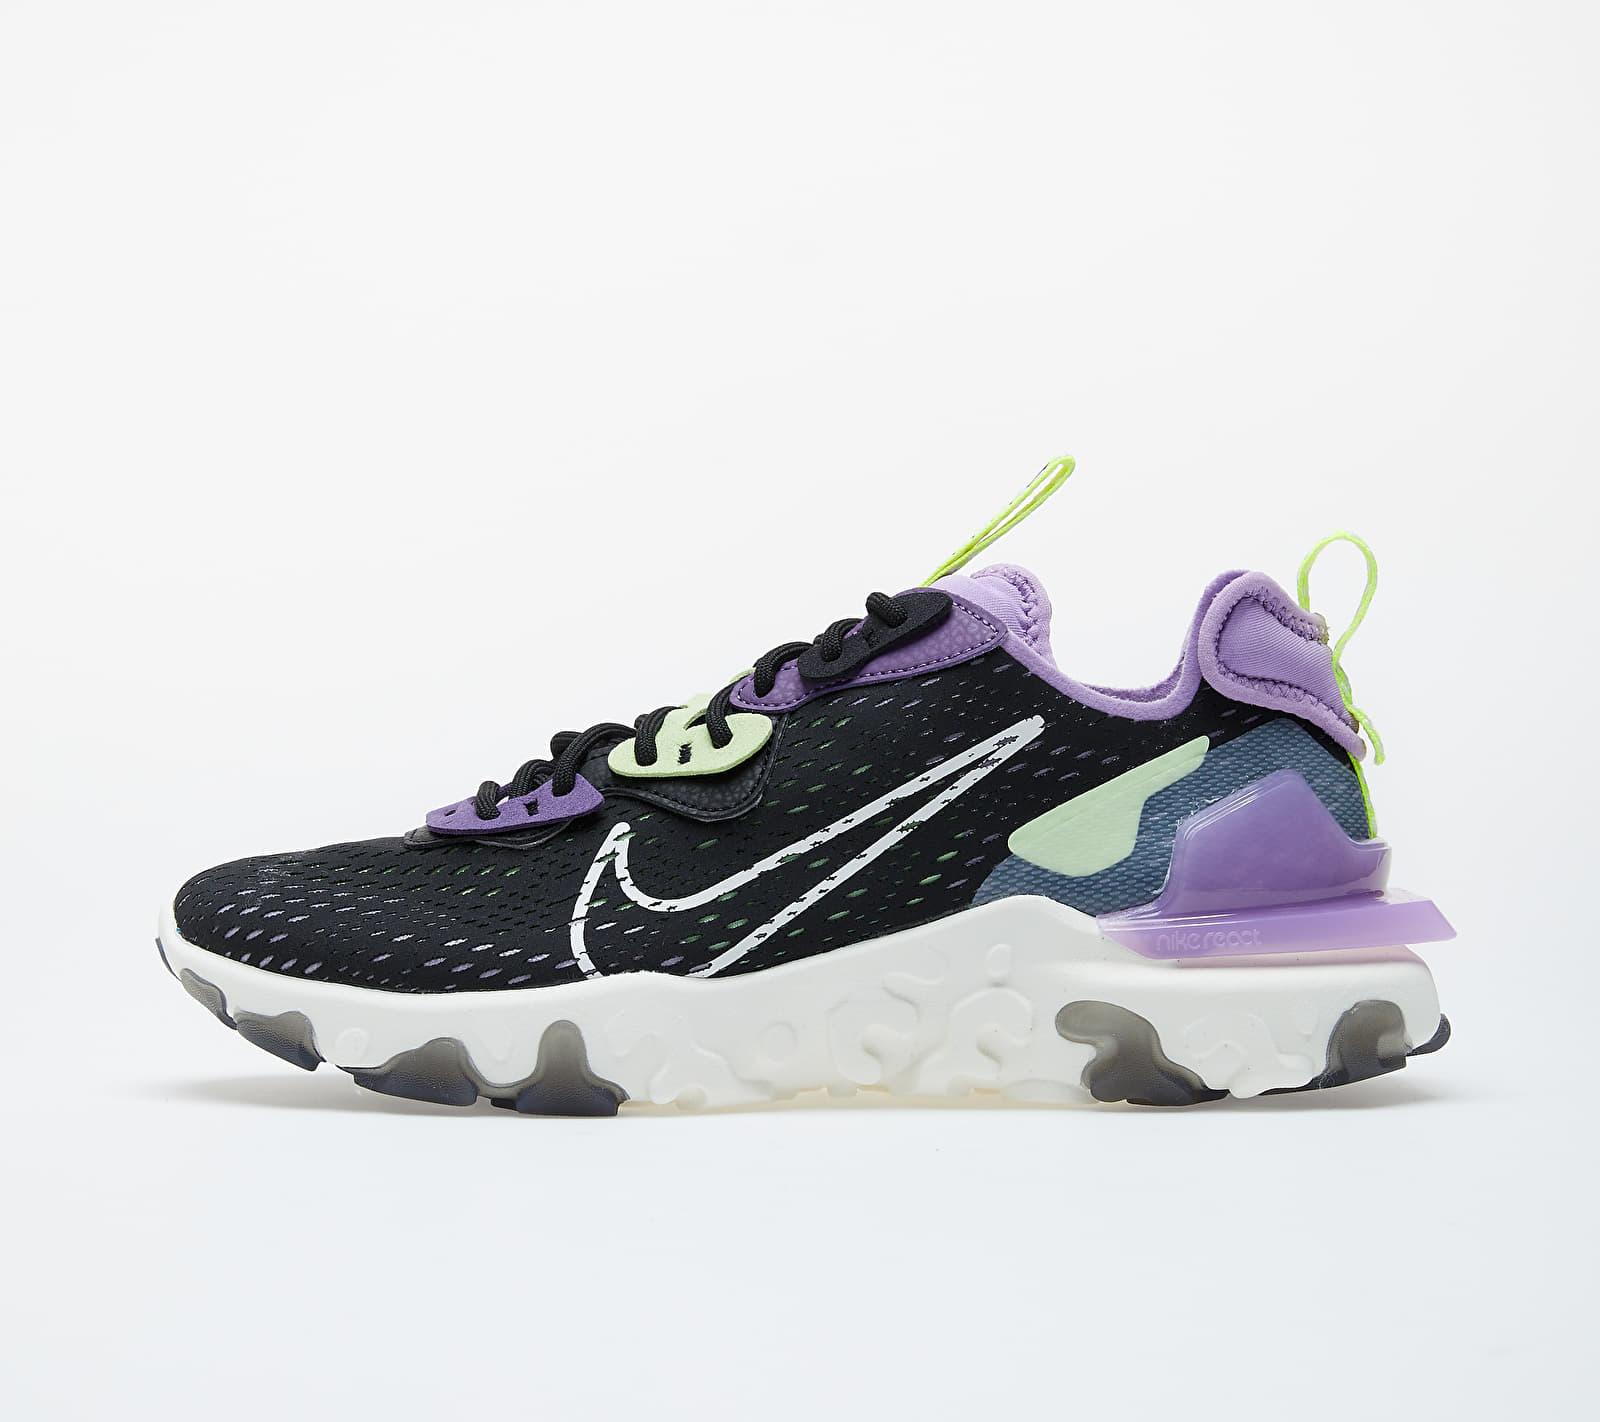 Nike React Vision Black/ Sail-Dk Smoke Grey-Gravity Purple CD4373-002